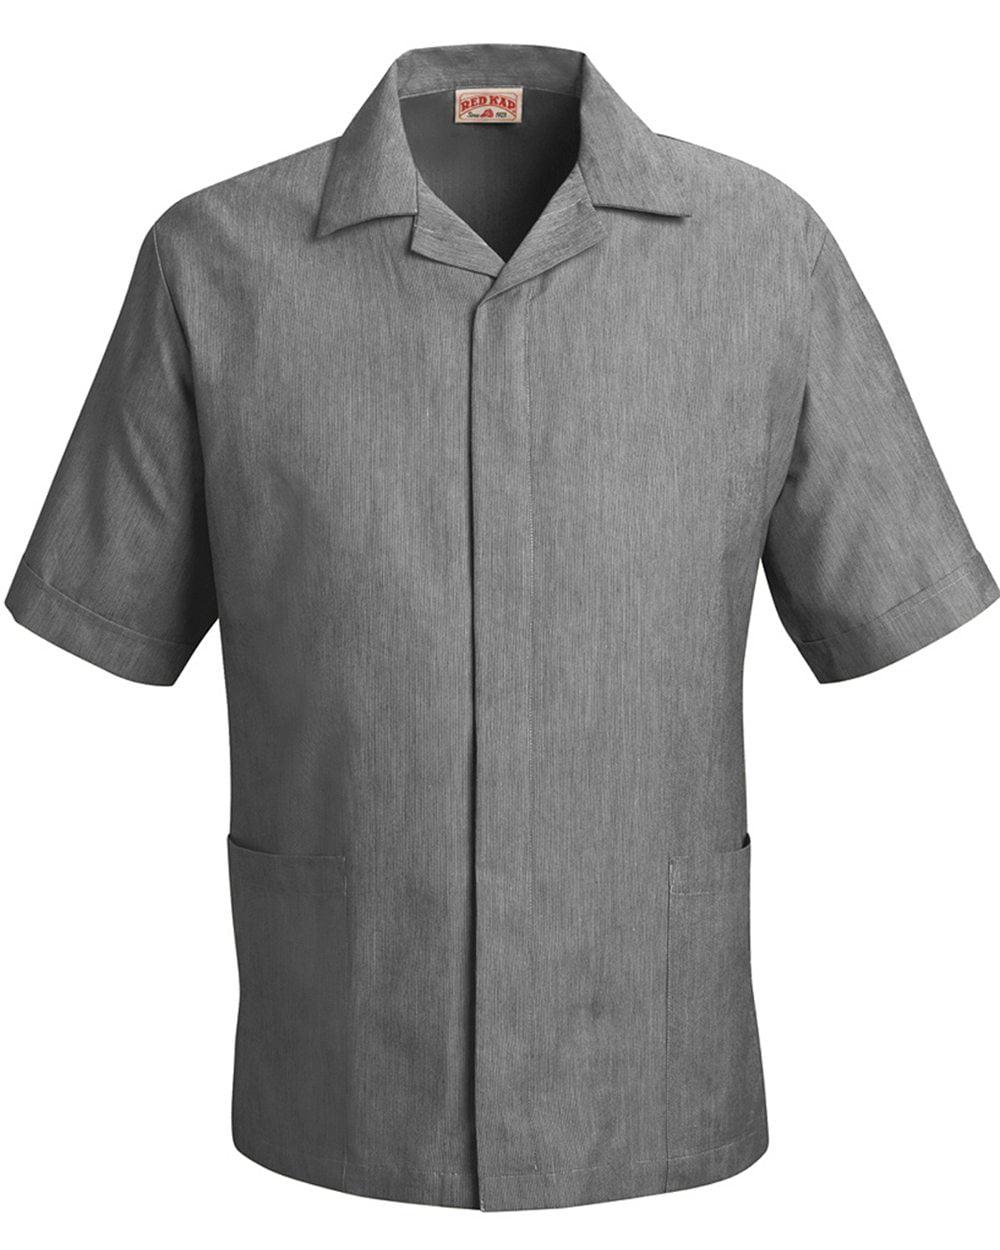 Red Kap Workwear Pincord Shirt Jacket